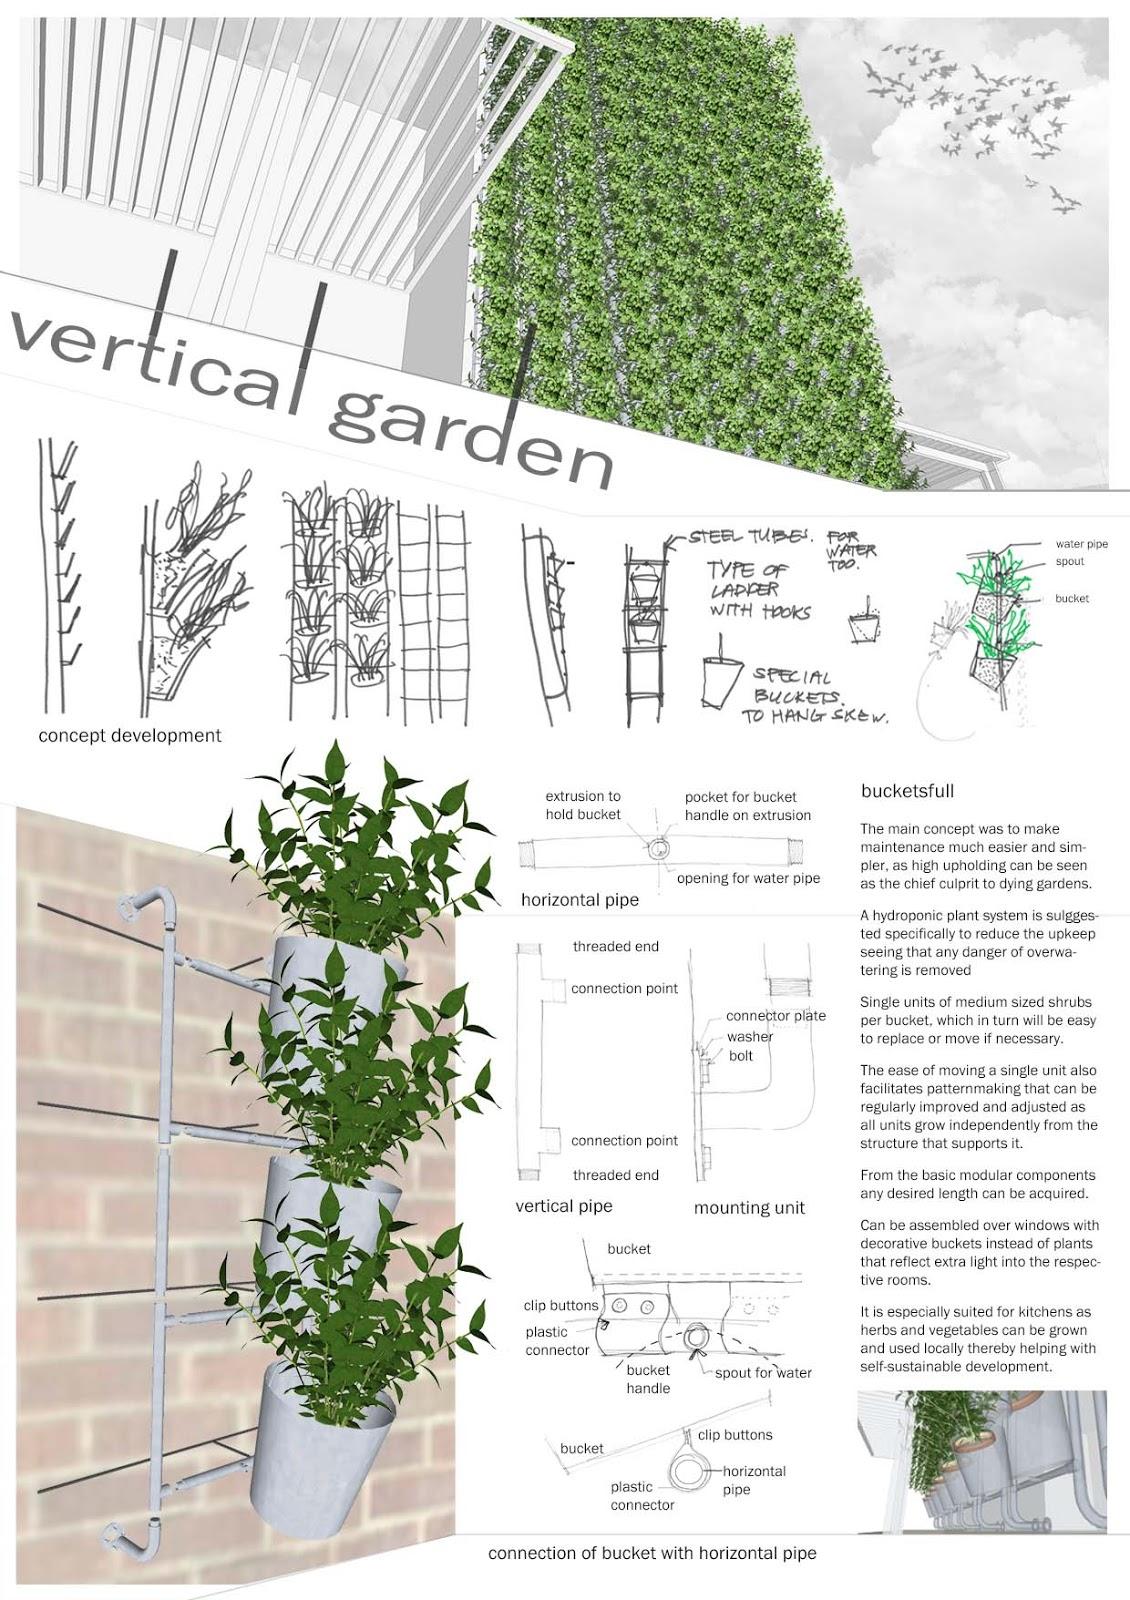 daniel de koning university portfolio vertical garden system. Black Bedroom Furniture Sets. Home Design Ideas